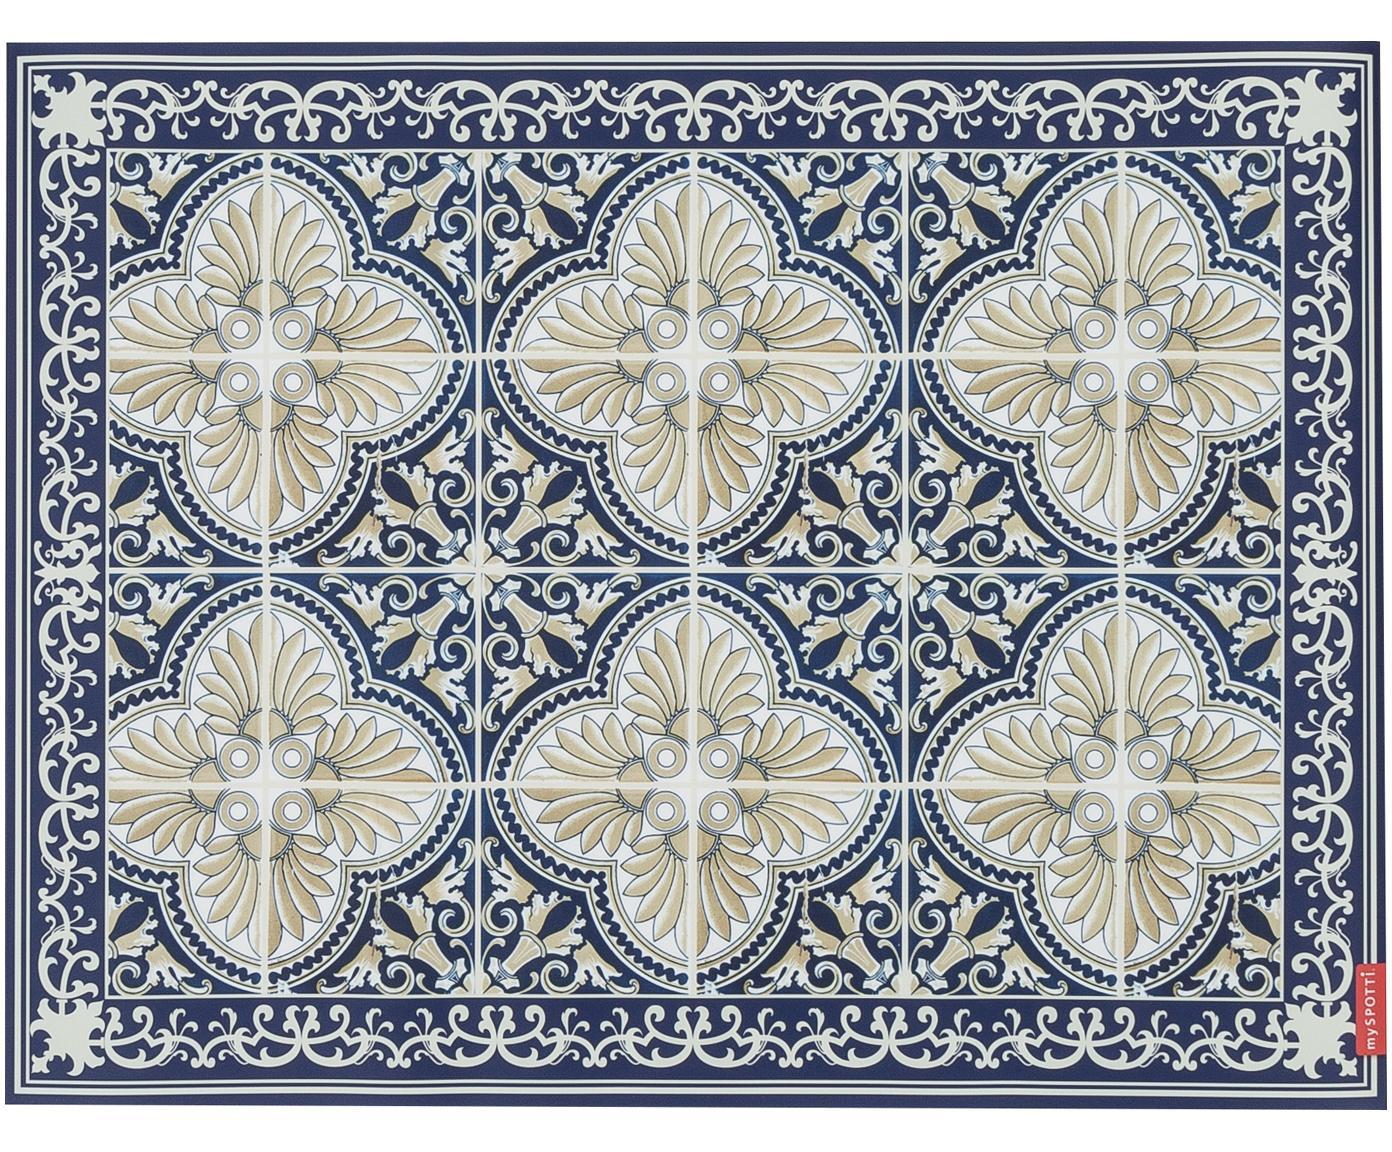 Vinyl vloermat Luis, Vinyl, Blauw, beige, 65 x 85 cm